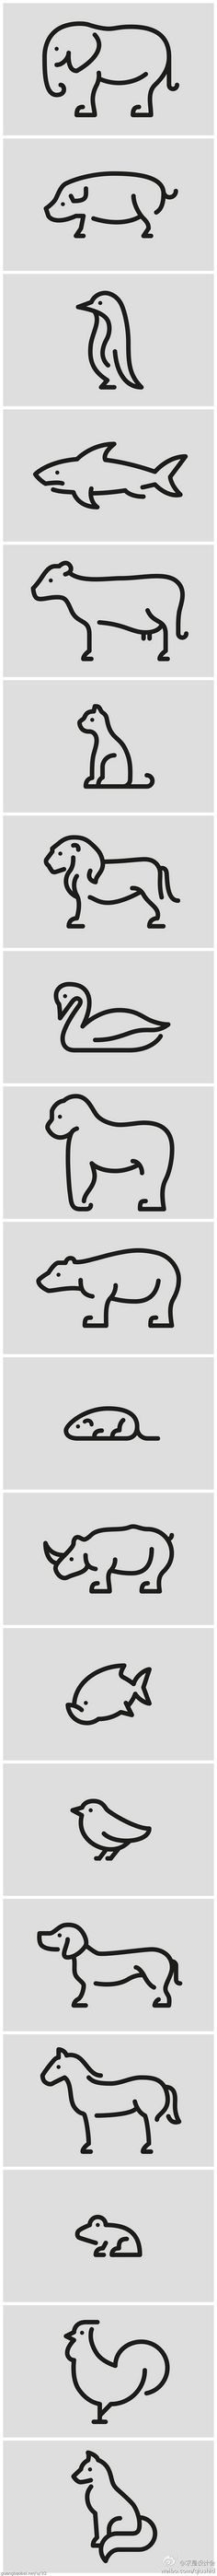 Animal Pictograms by Jan Filek, via Behance